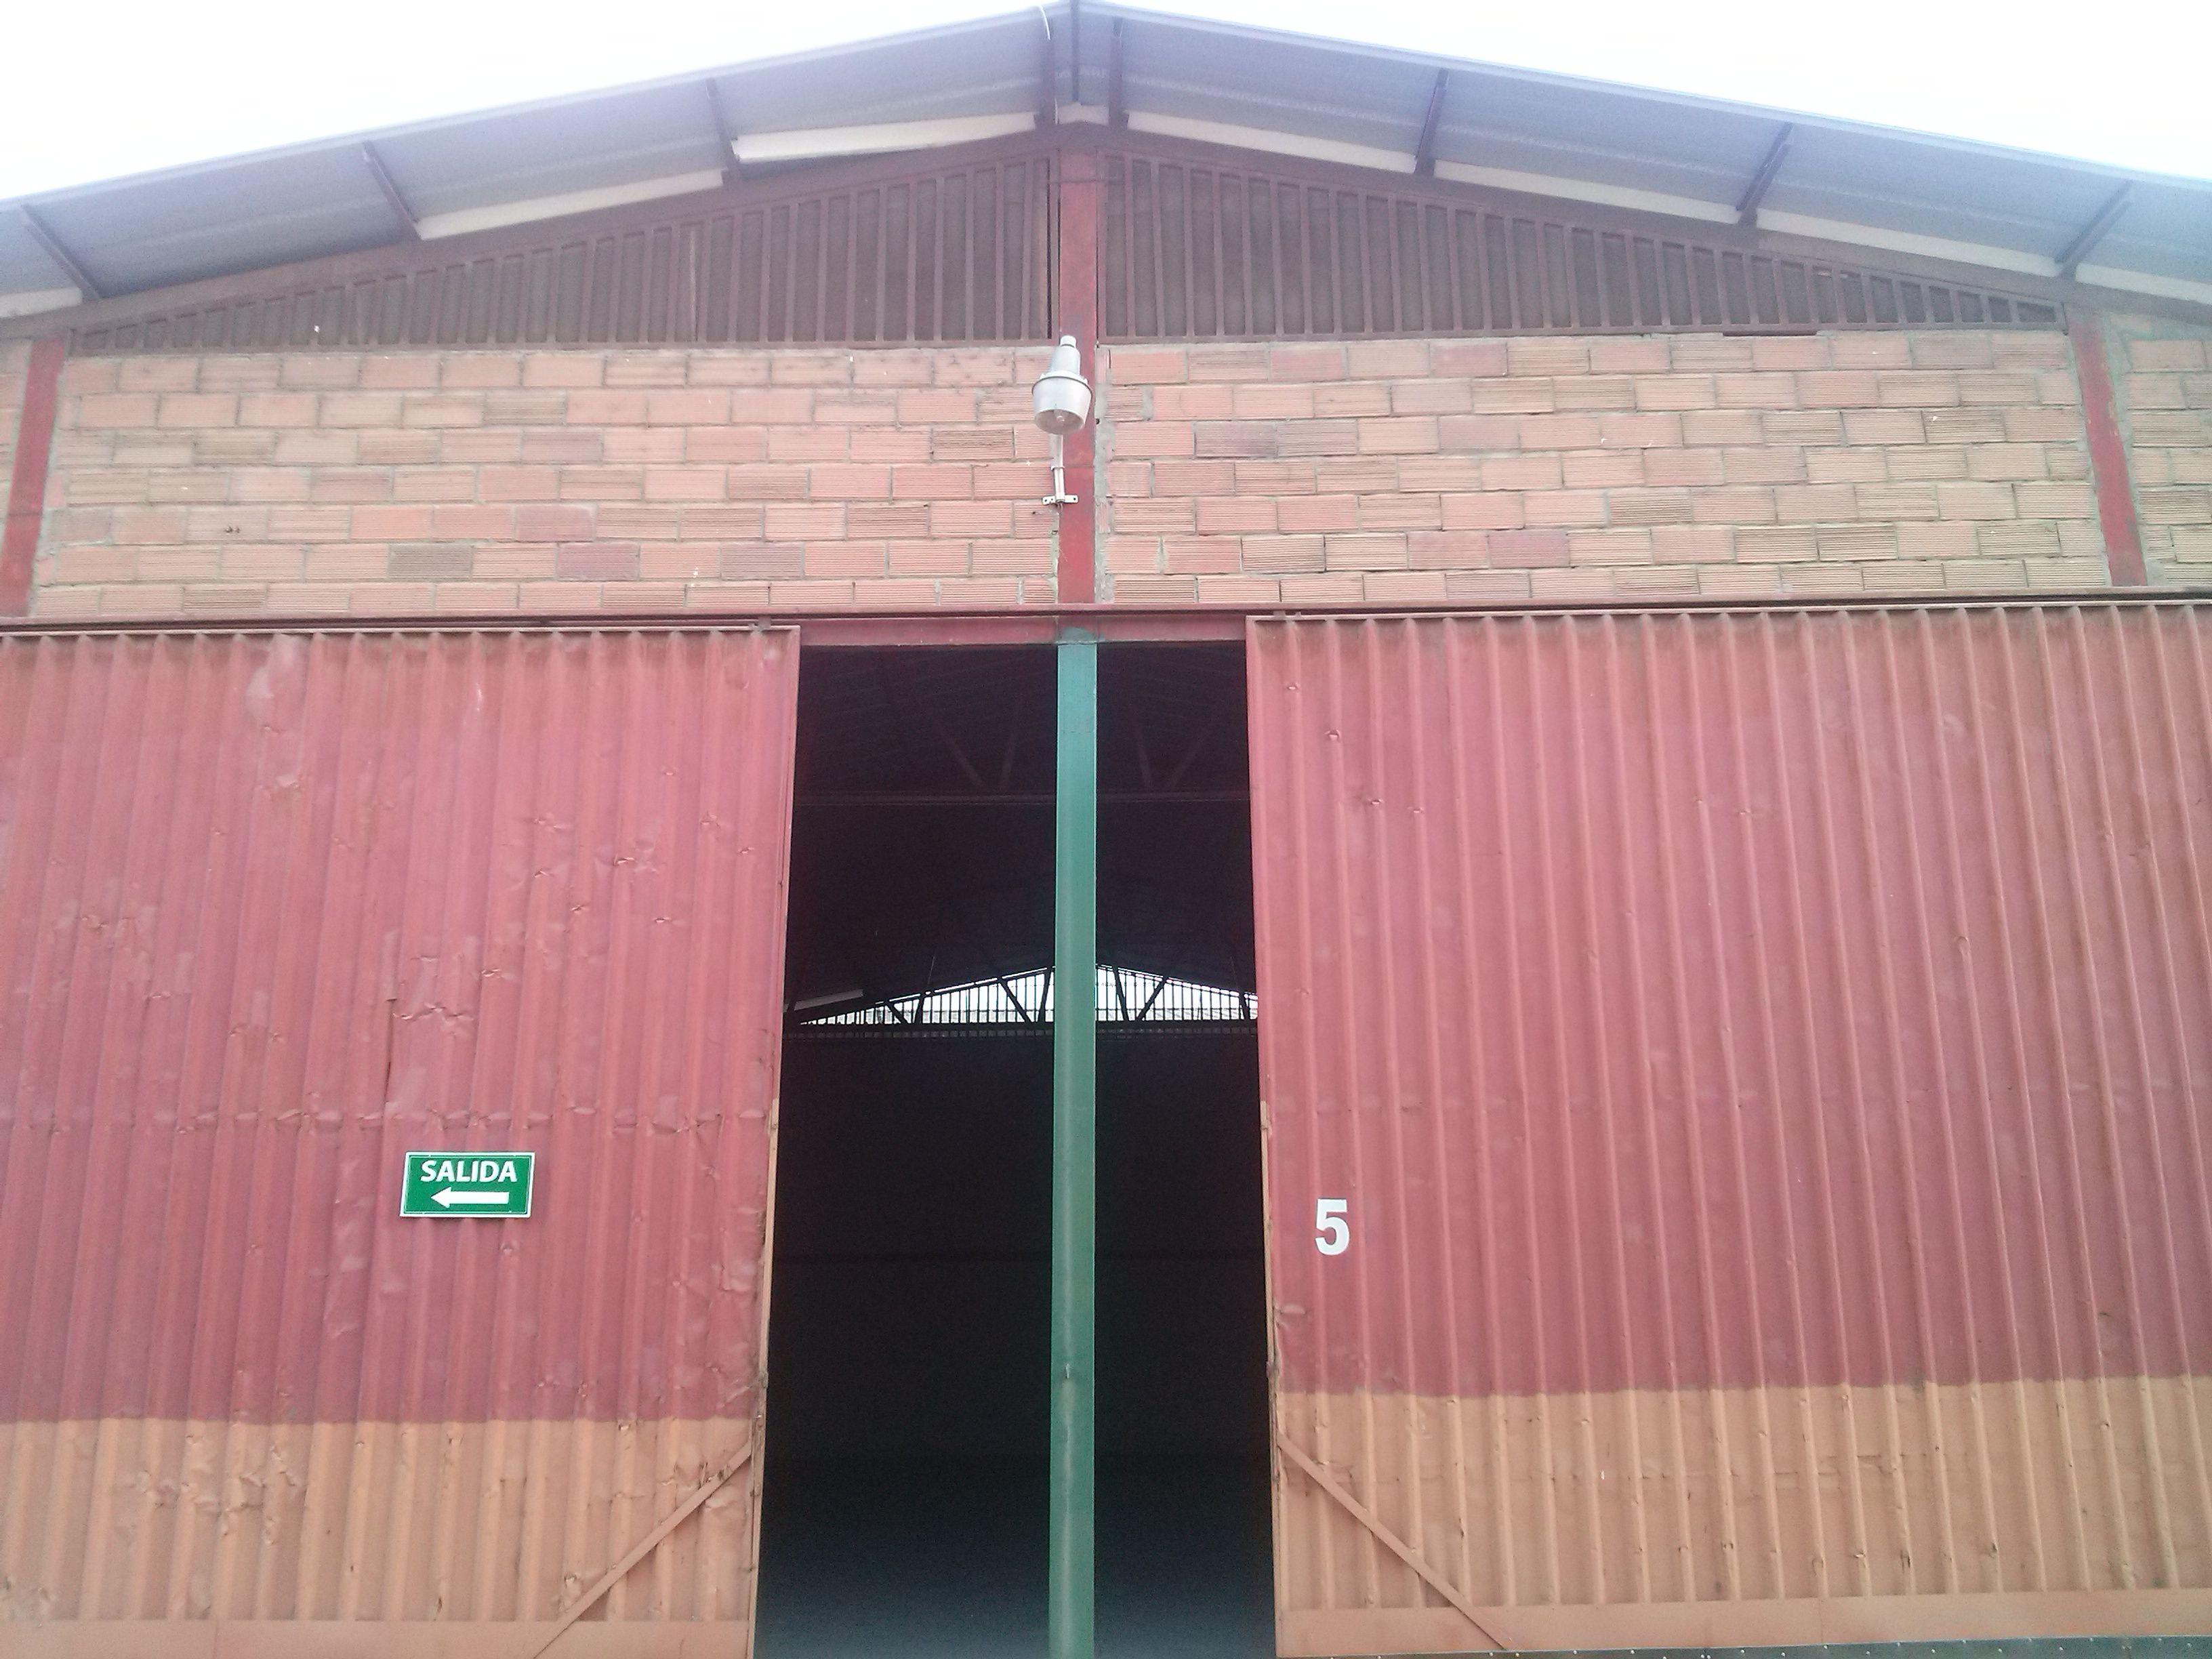 Se venden 6092m2 de bodegas – Vía a Daule – Guayaquil – ALFA Bienes Raíces - http://goo.gl/cKIfWV?utm_content=buffer81b4a&utm_medium=social&utm_source=pinterest.com&utm_campaign=buffer El Universo